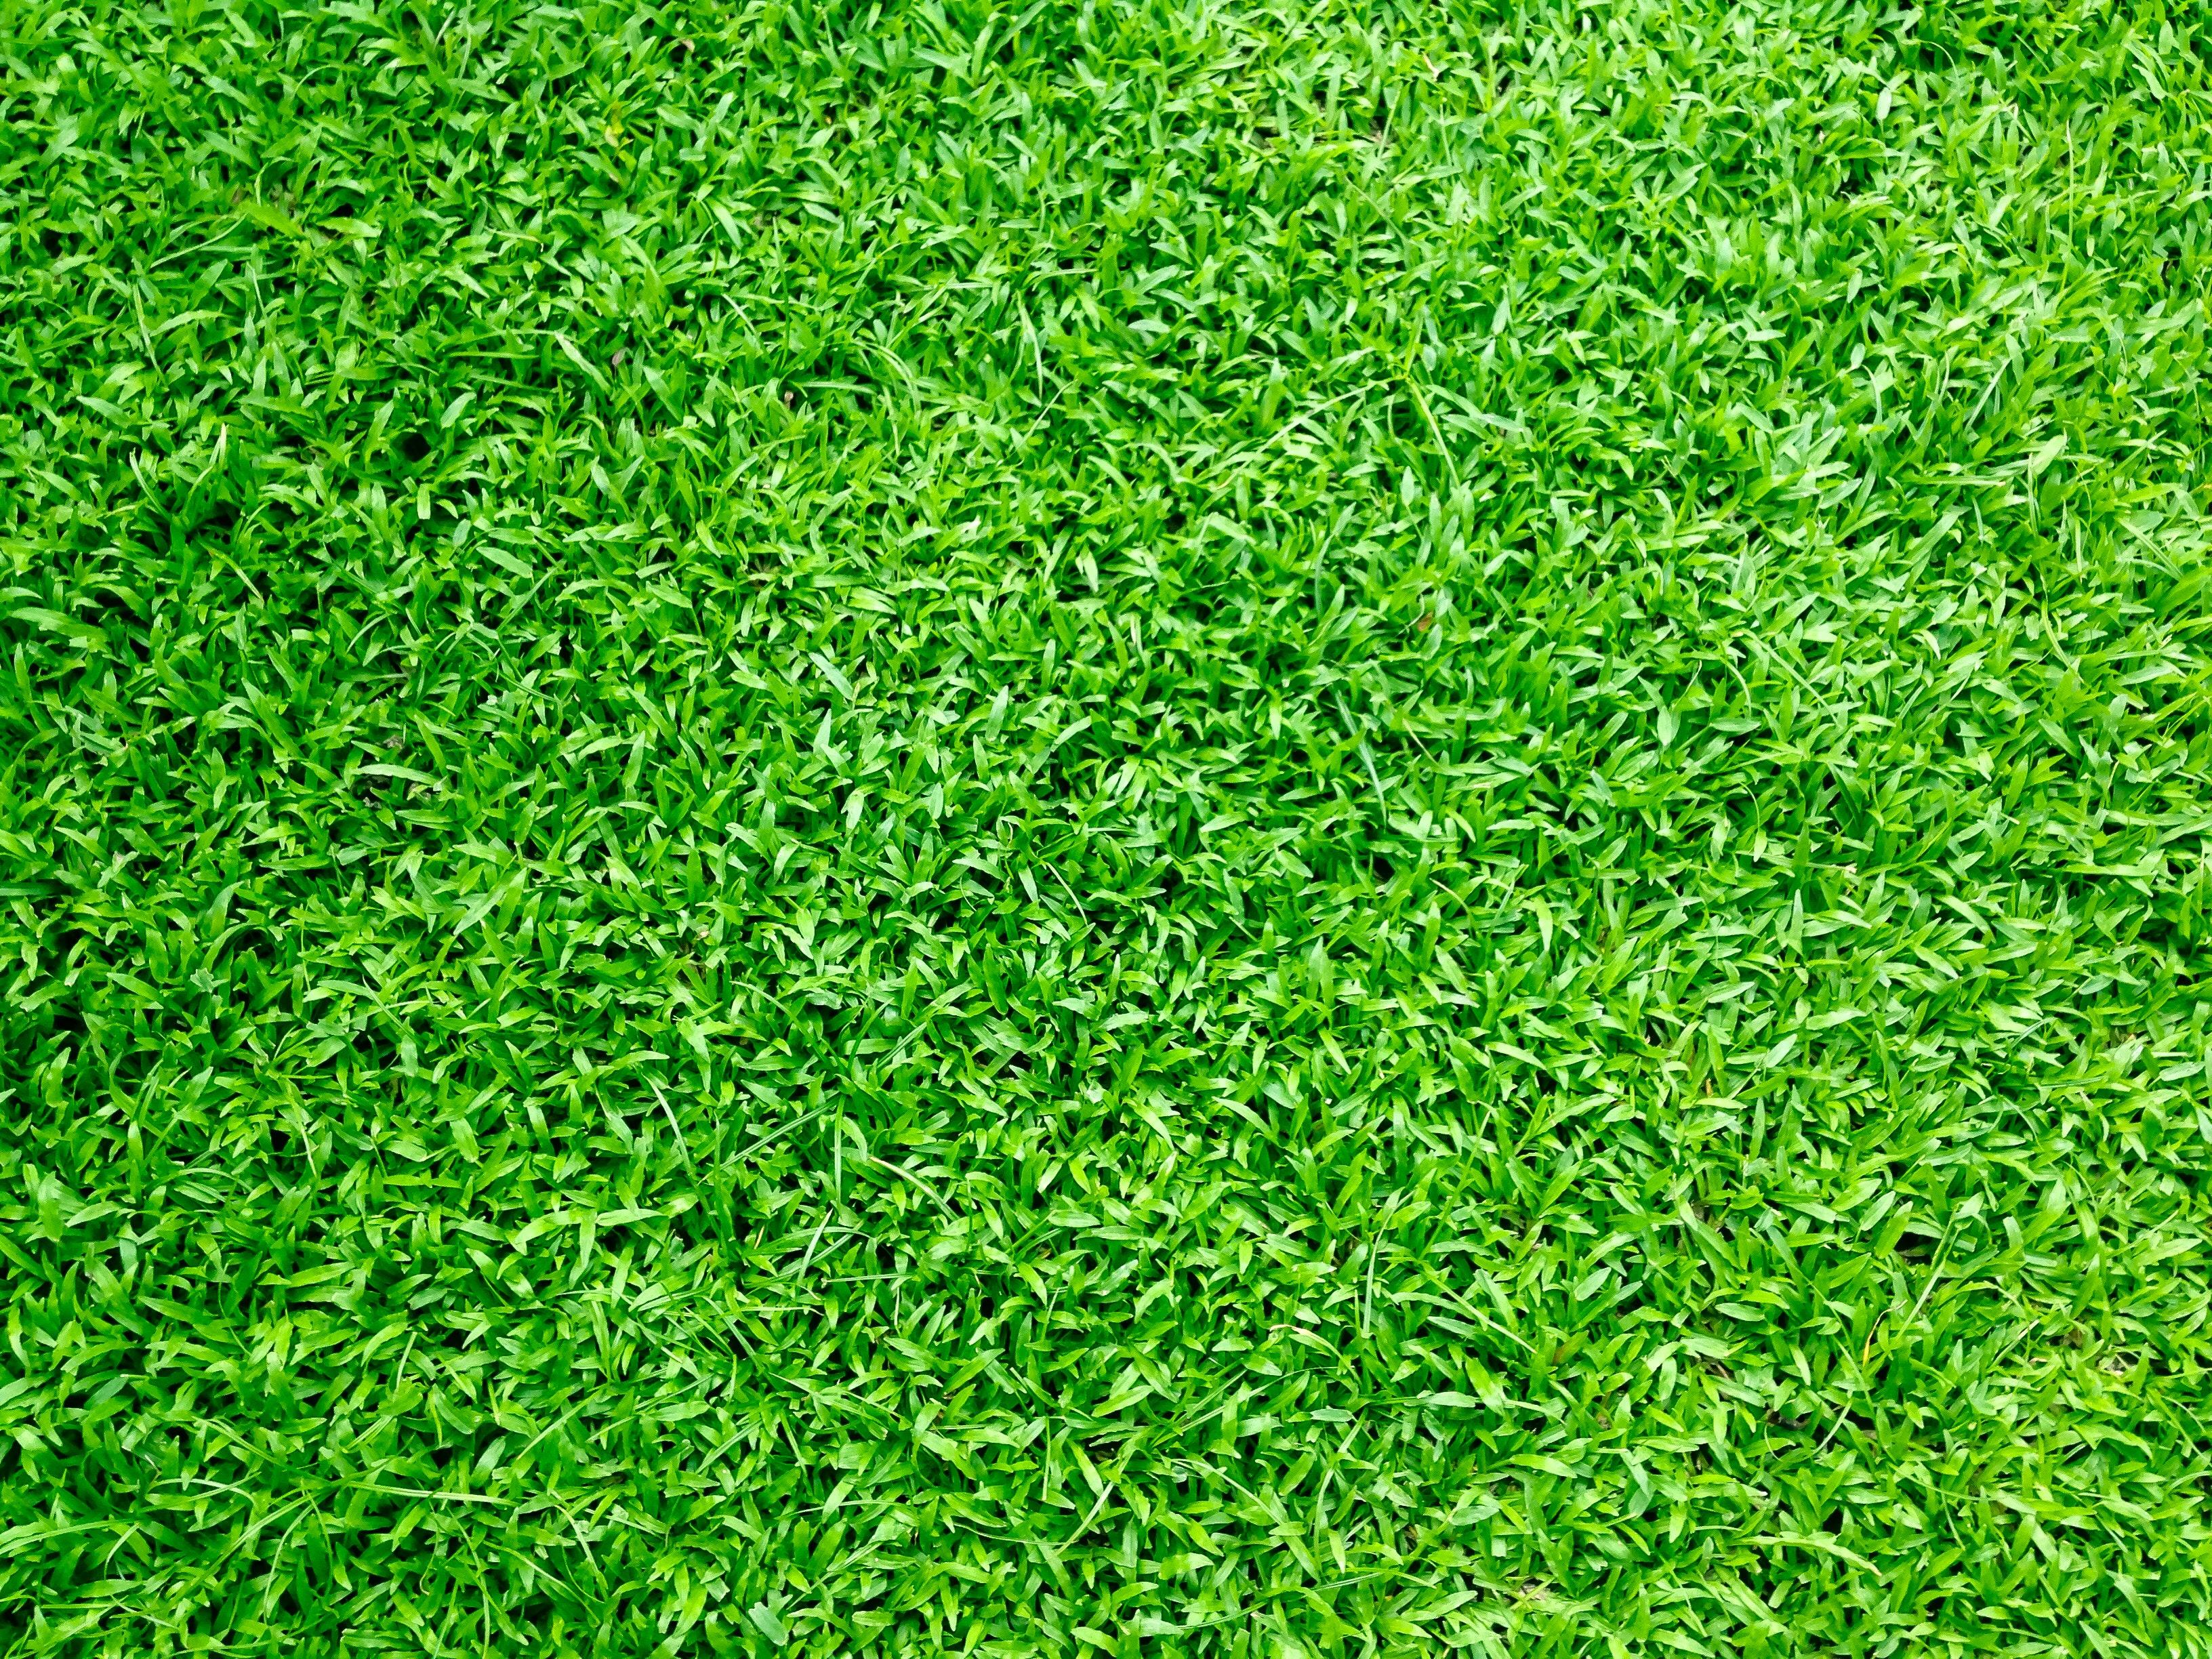 grass background. grass background